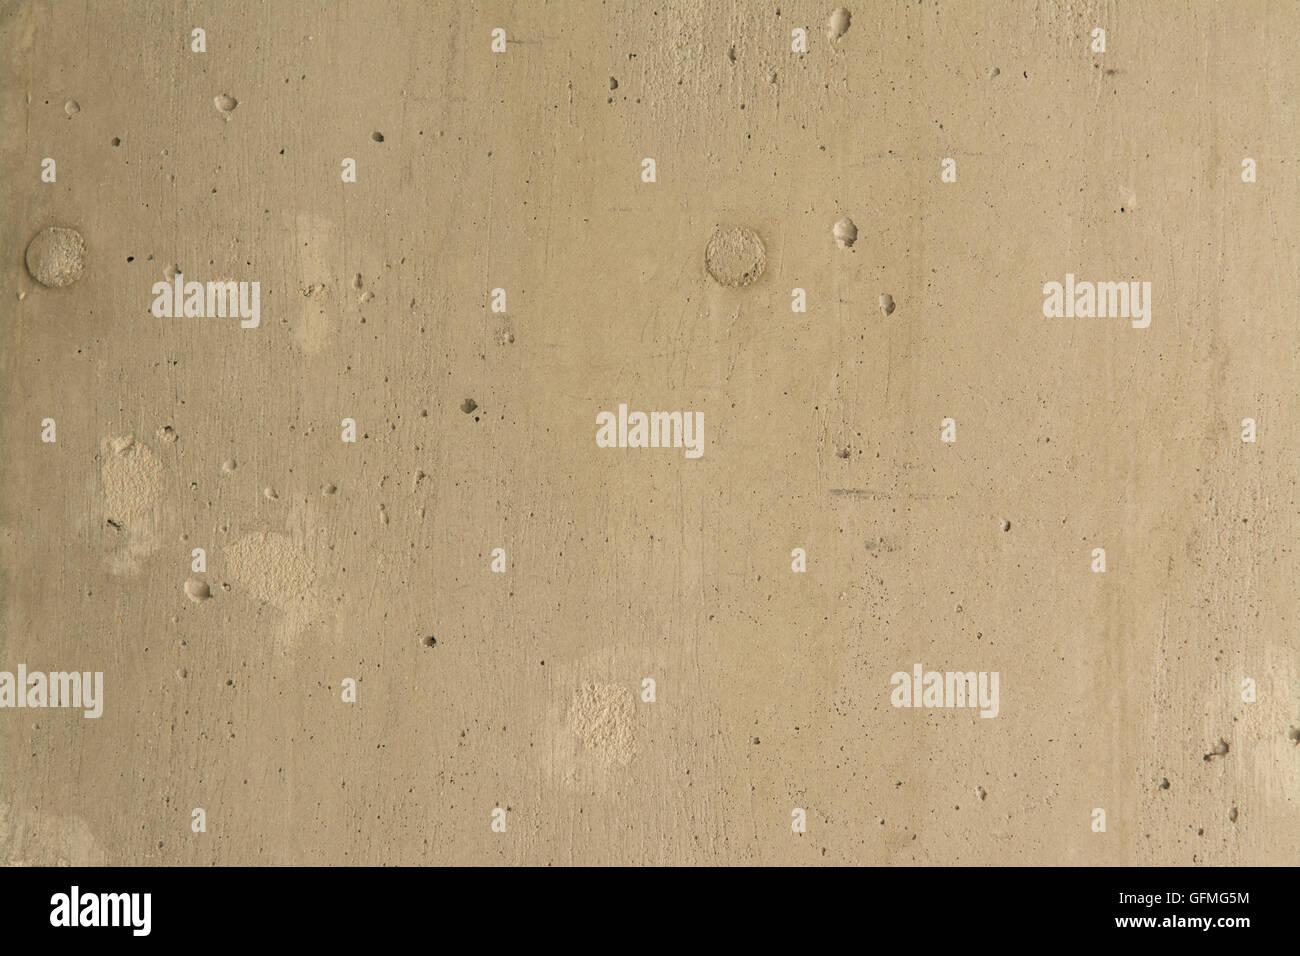 Polished concrete background - Stock Image